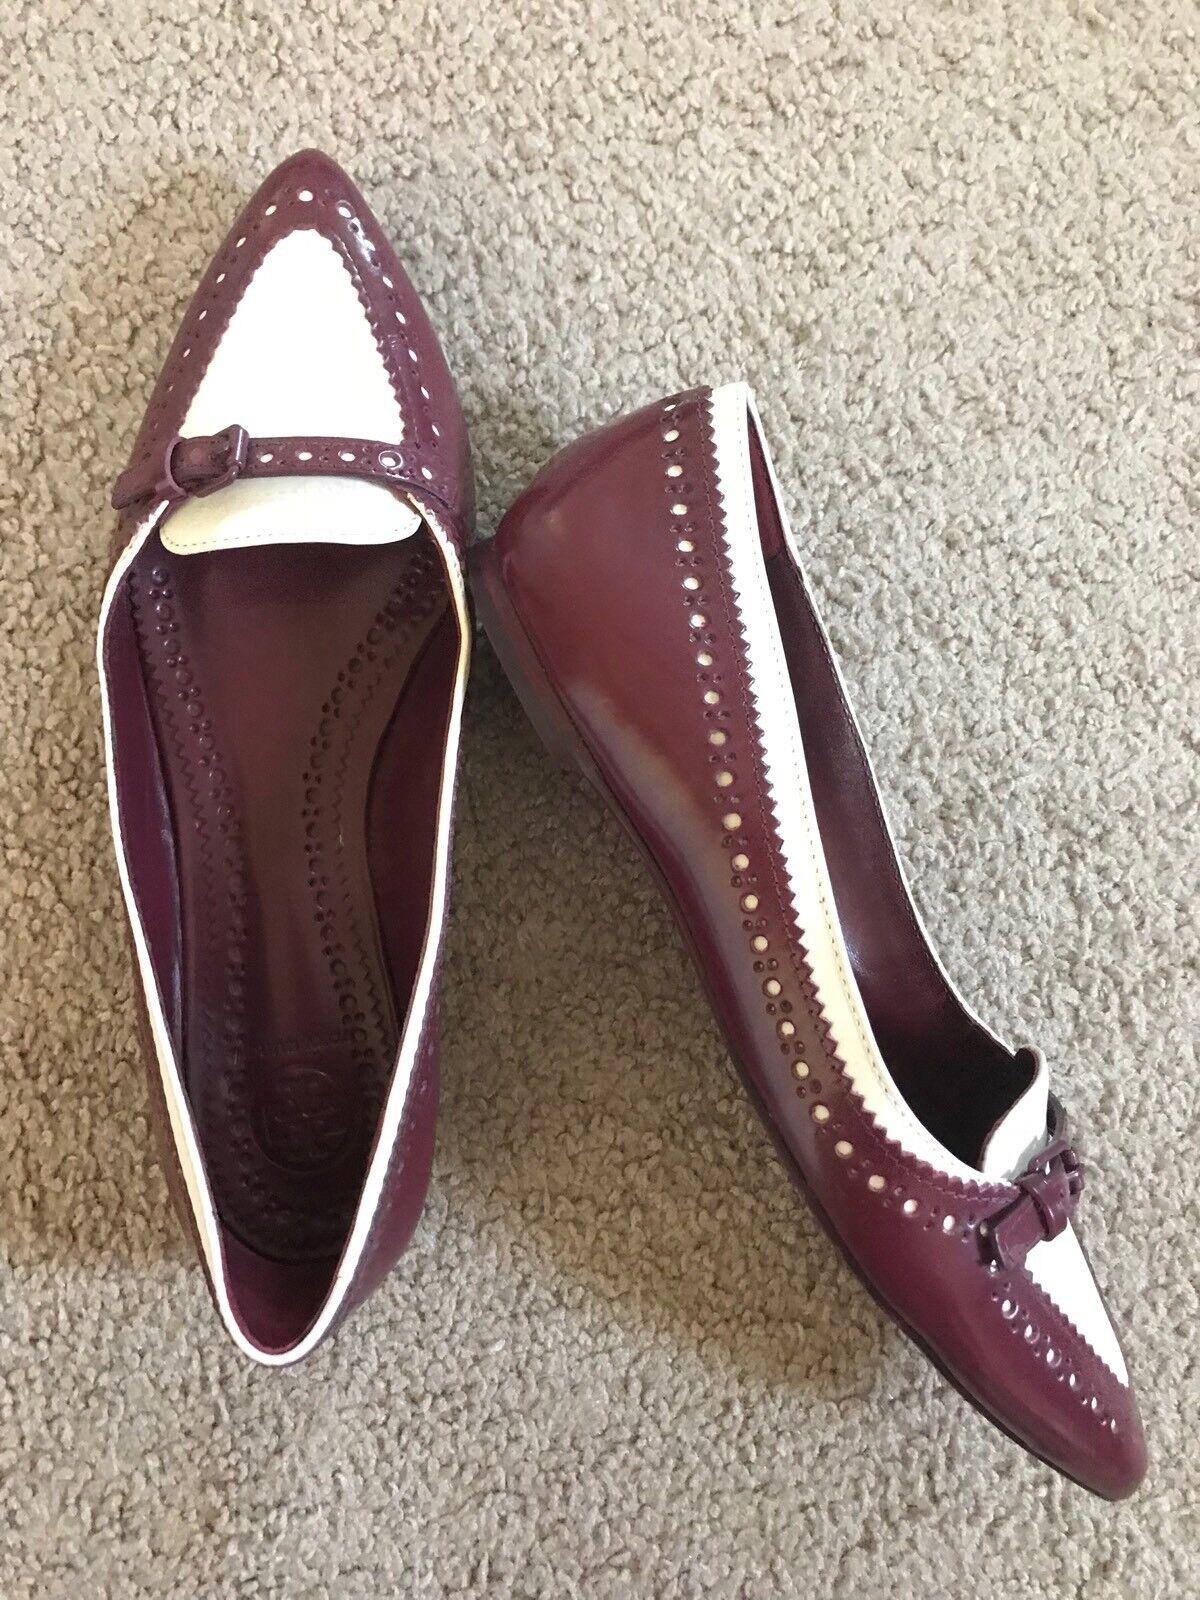 Zapatos Ballerina Zapatos de tacón Tory Burch rosadolind todo el el el cuero tamaño 7 M Hecho En Brasil  marca en liquidación de venta